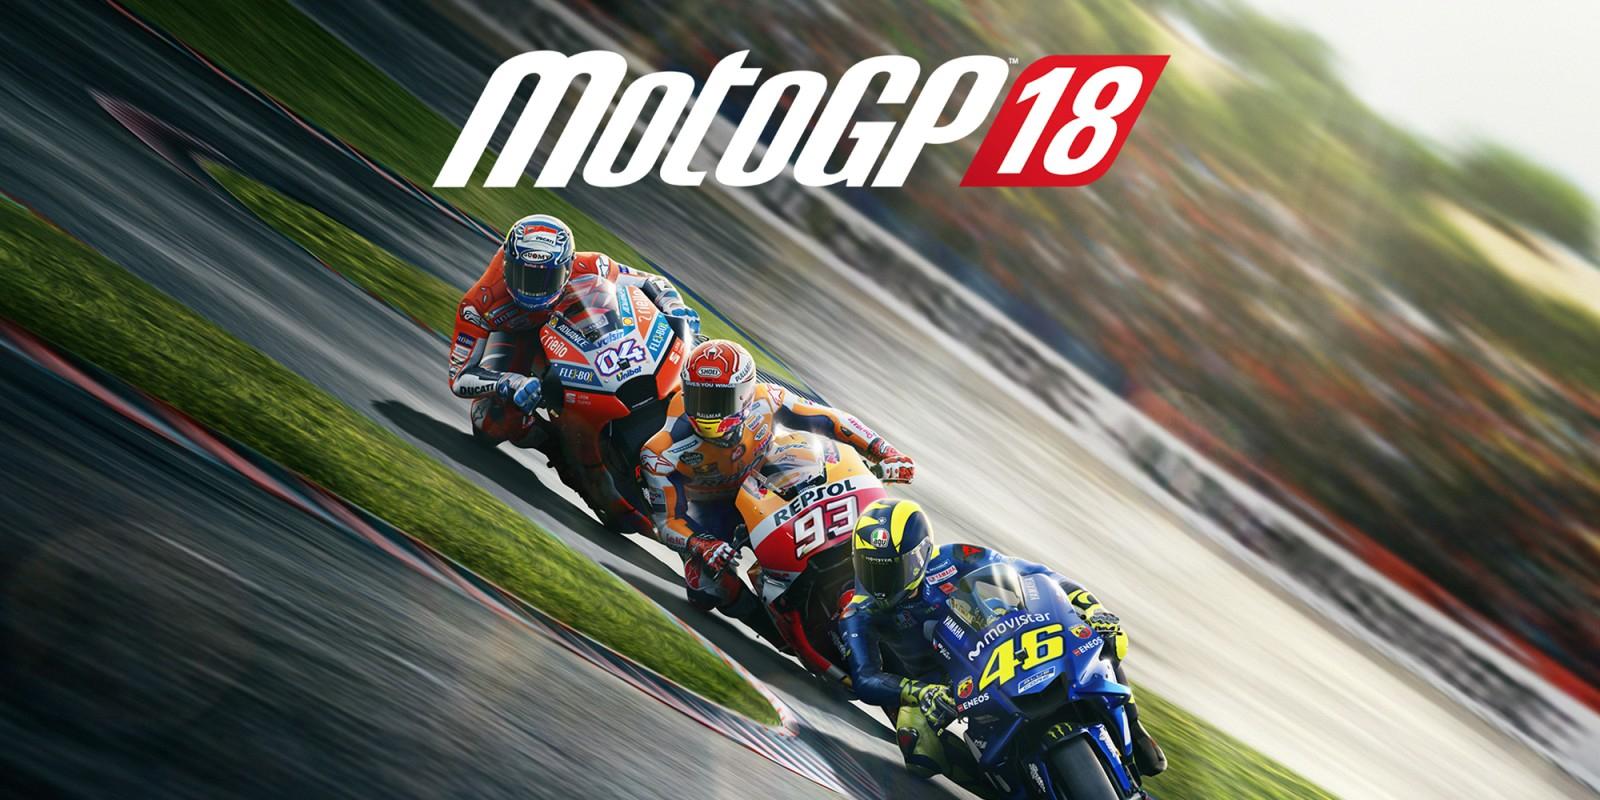 MotoGP™18 Switch